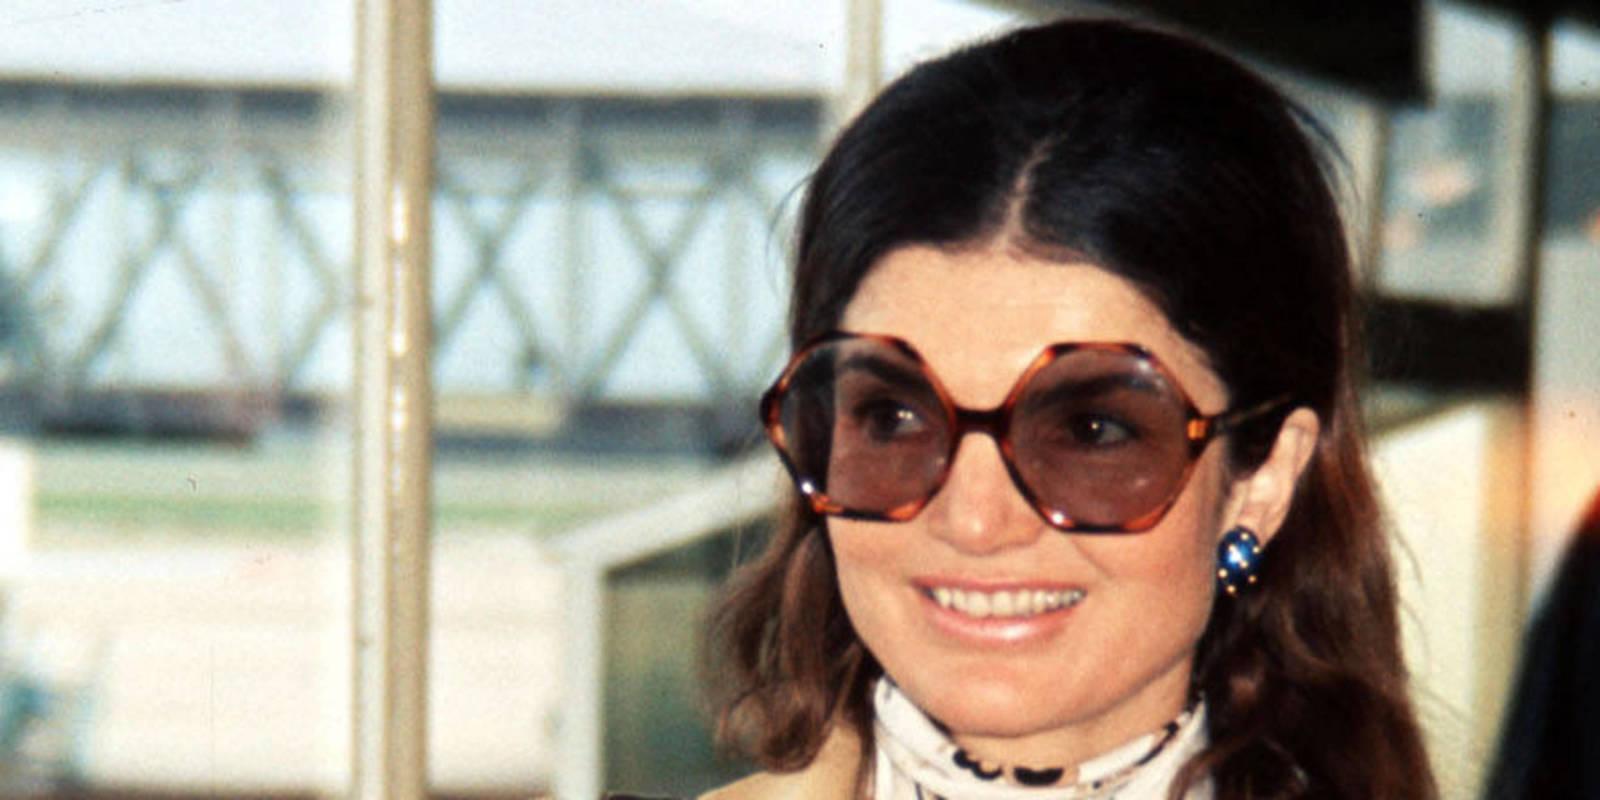 Jackie-sunglasses